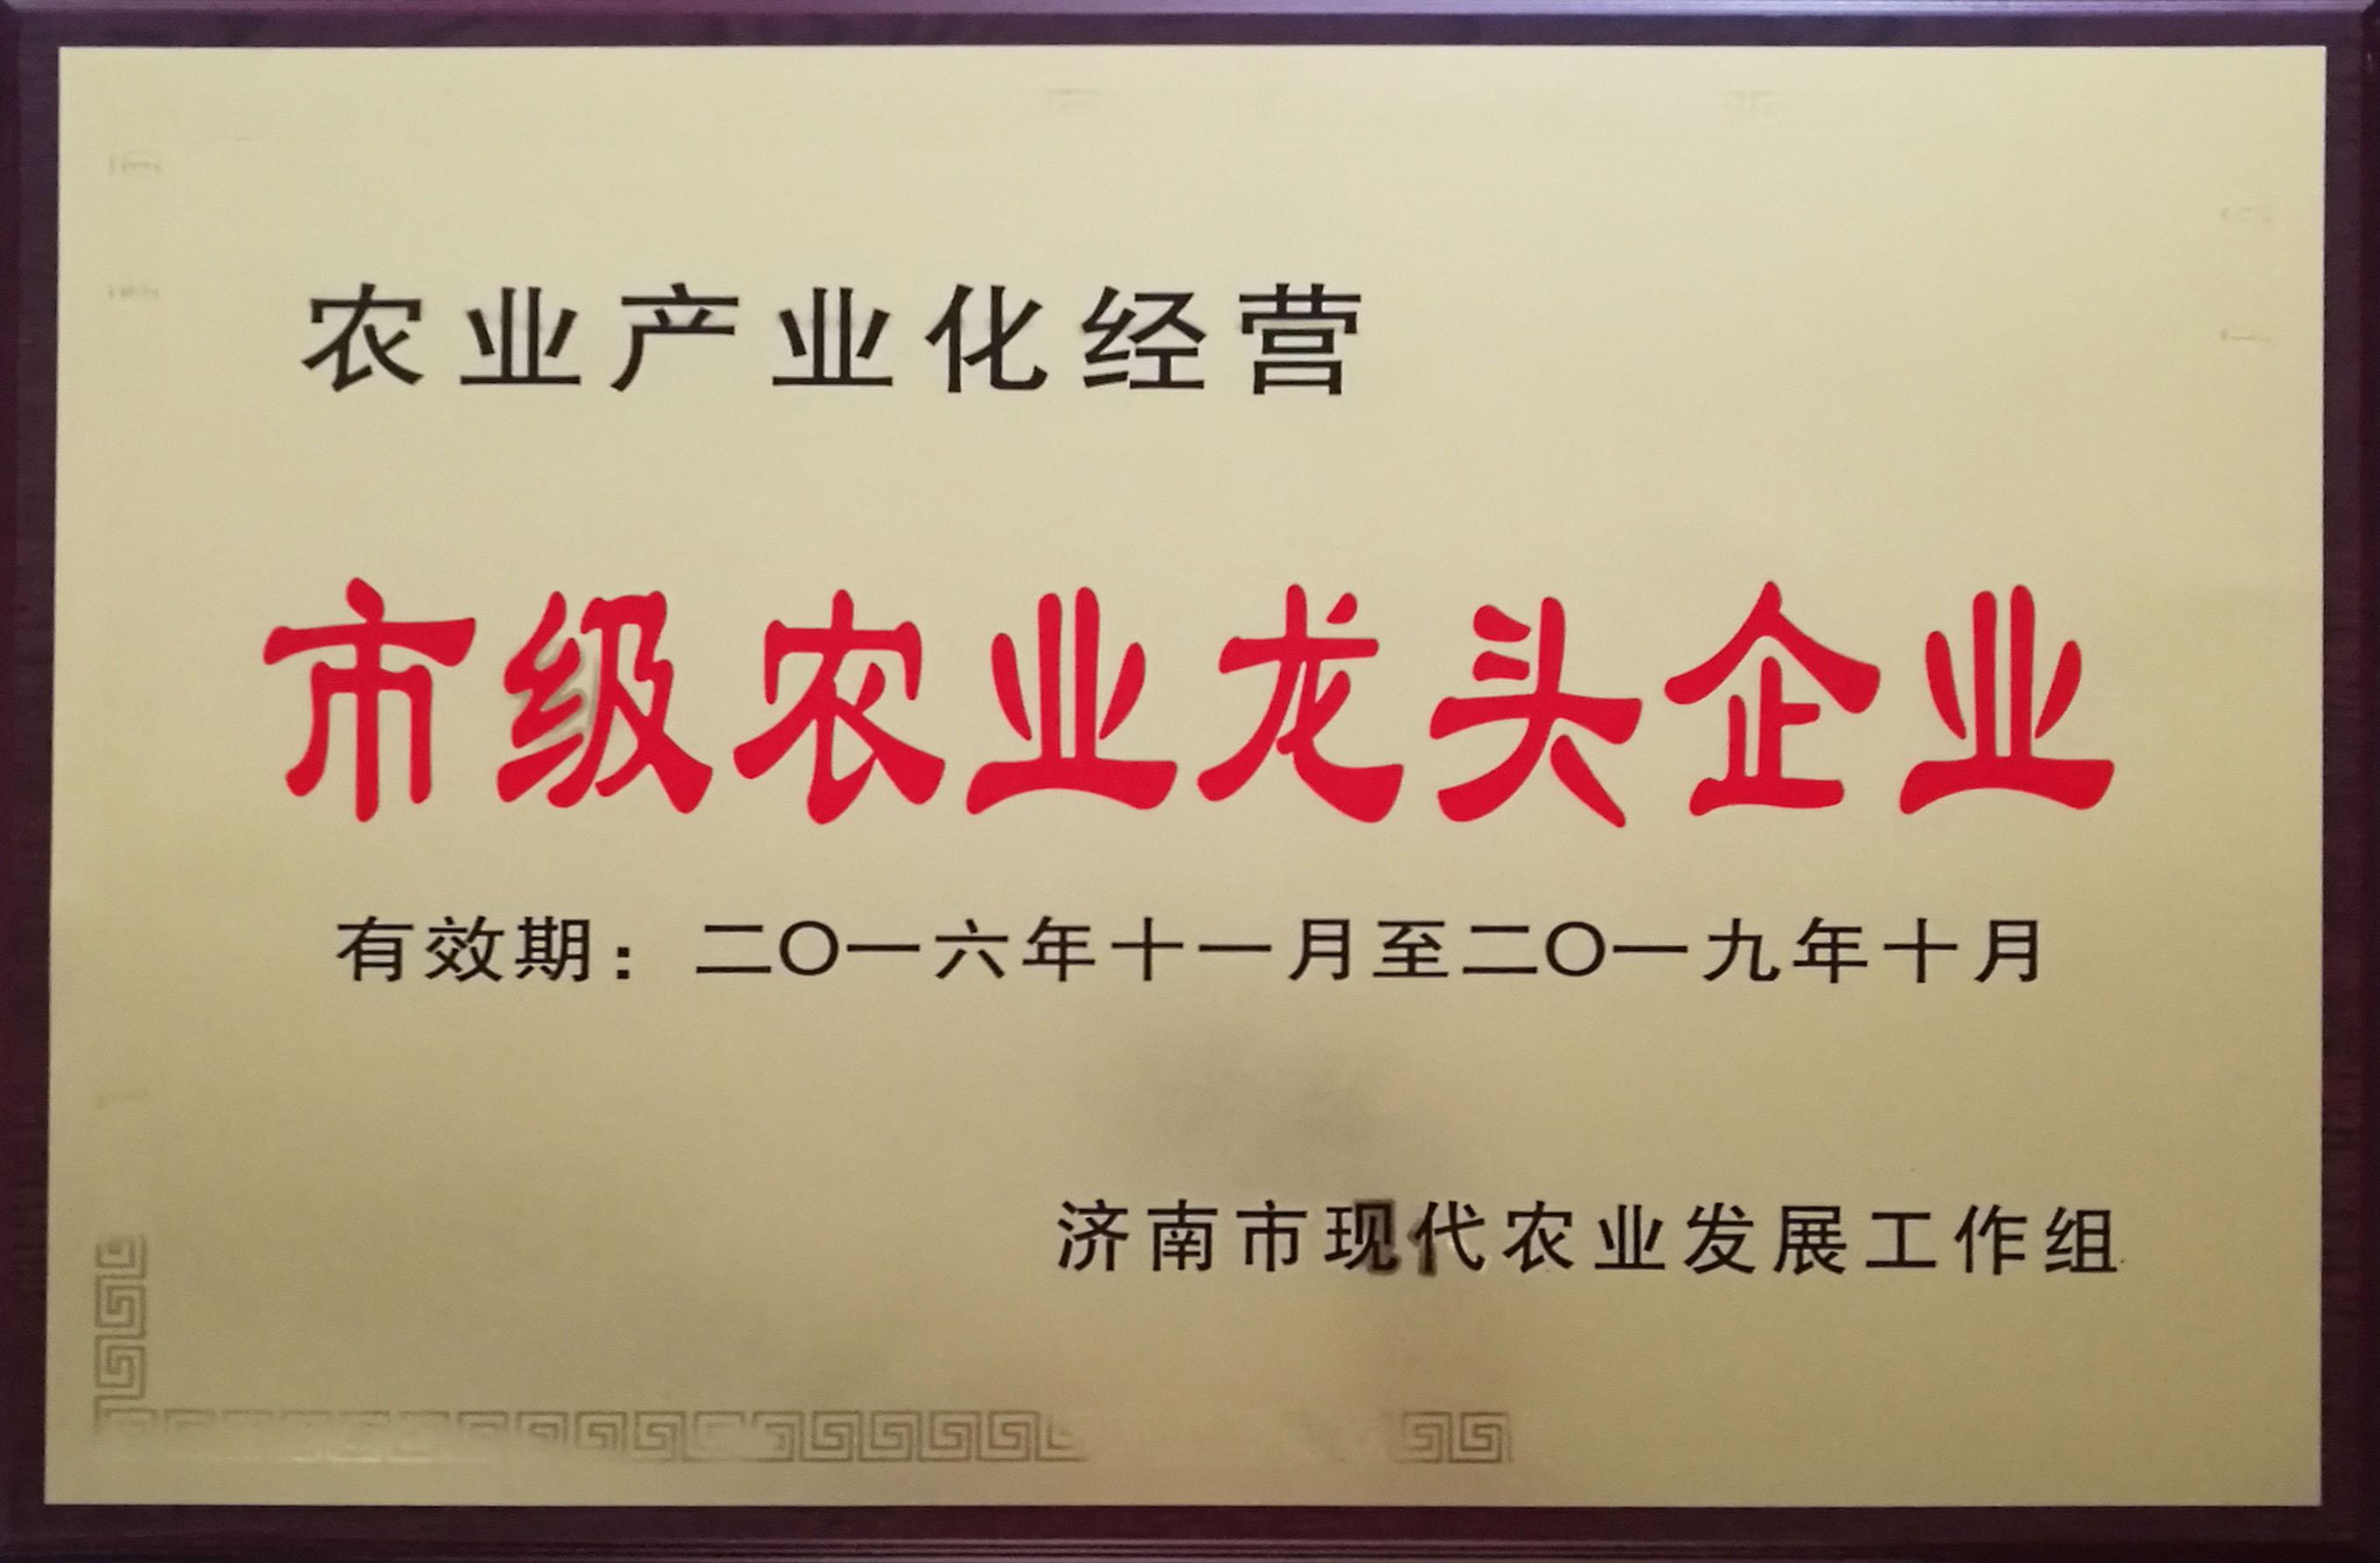 龙头企业.jpg